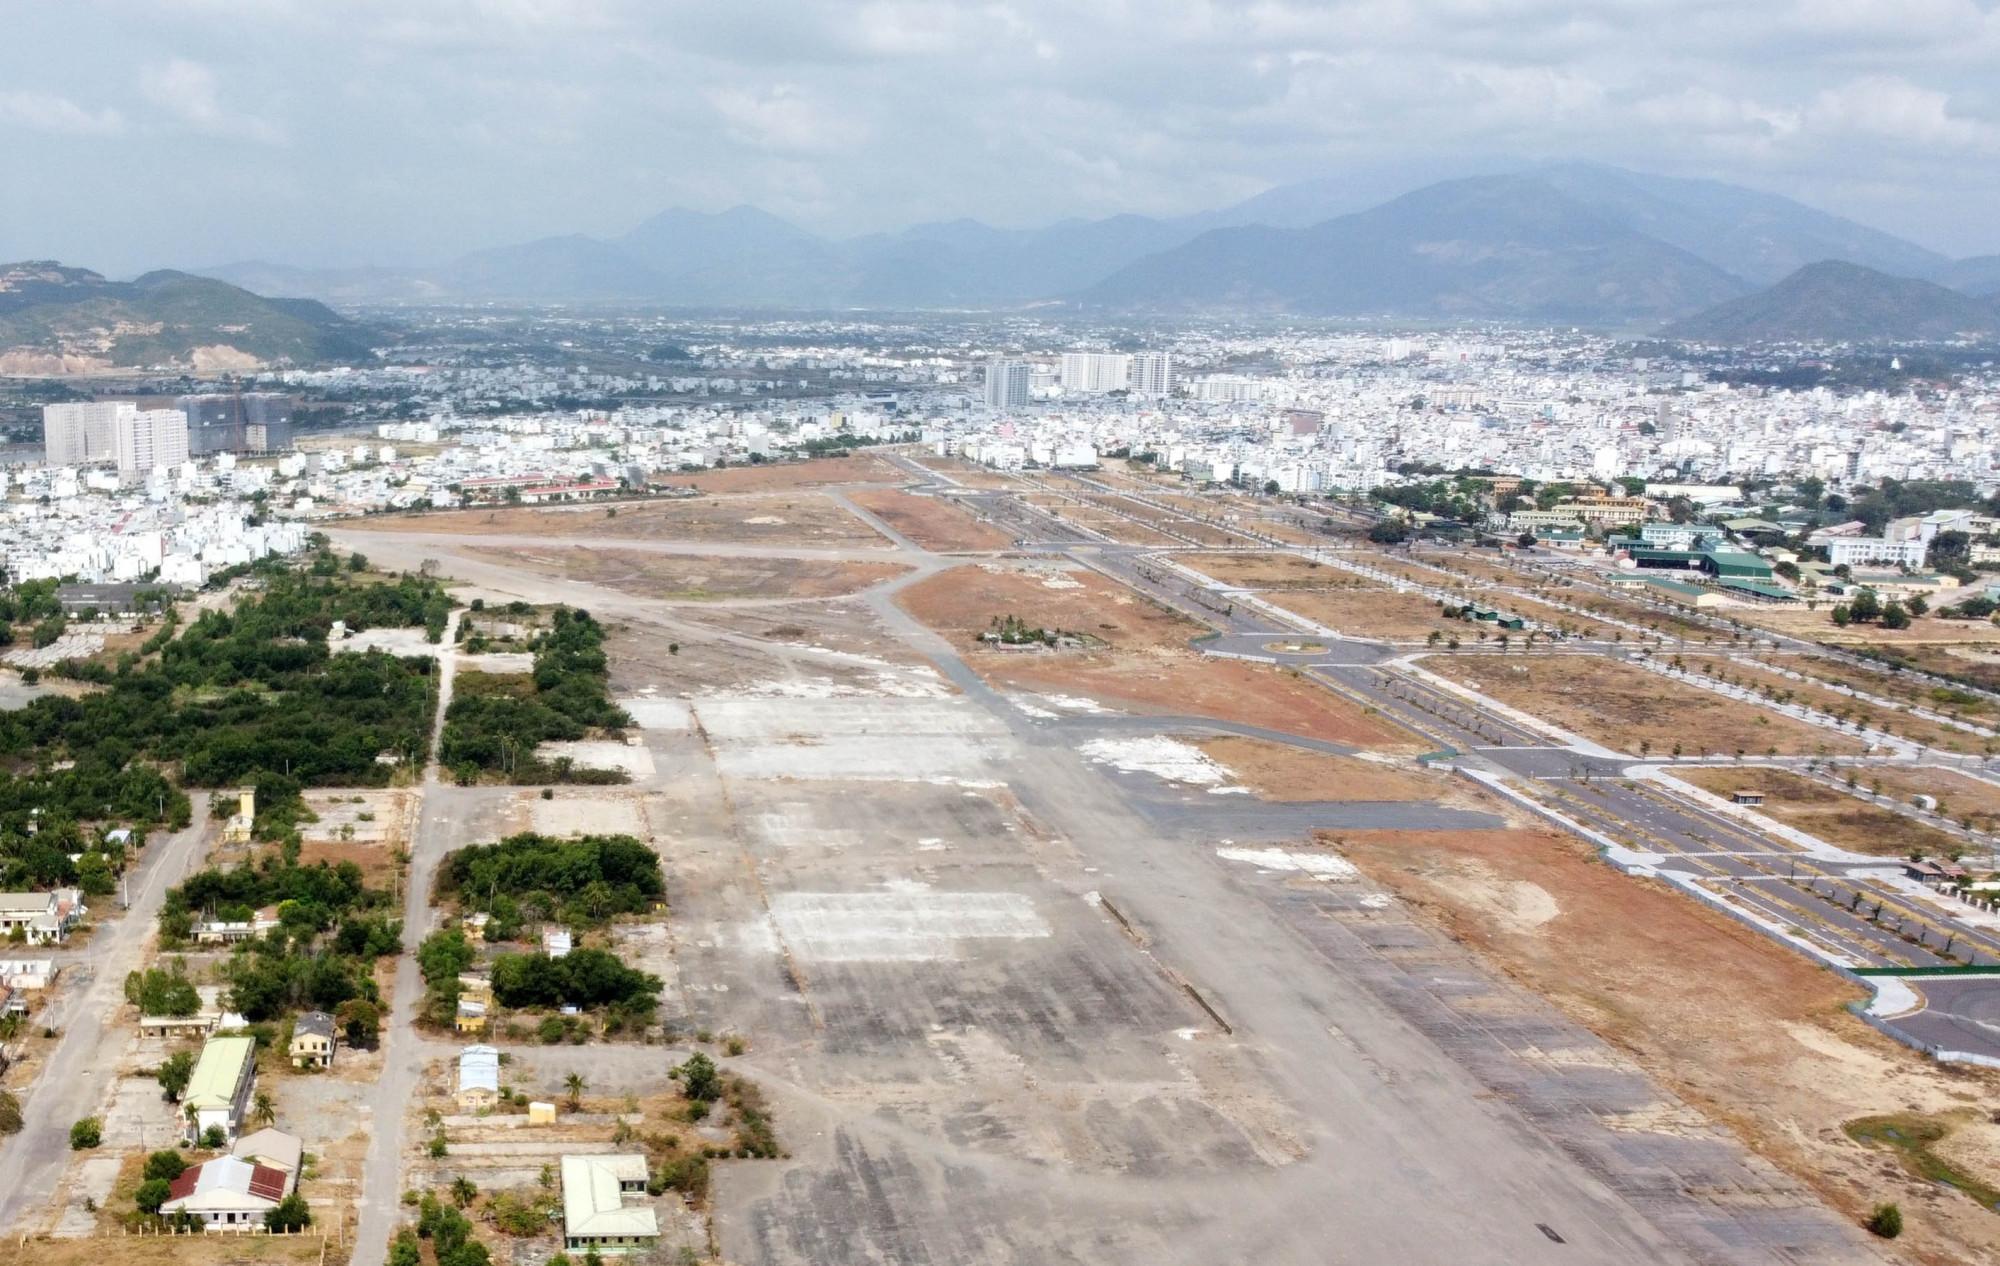 Một góc sân bay Nha Trang cũ đang được sử dụng để thanh toán các dự án BT của tỉnh Khánh Hòa. Ảnh: T.N